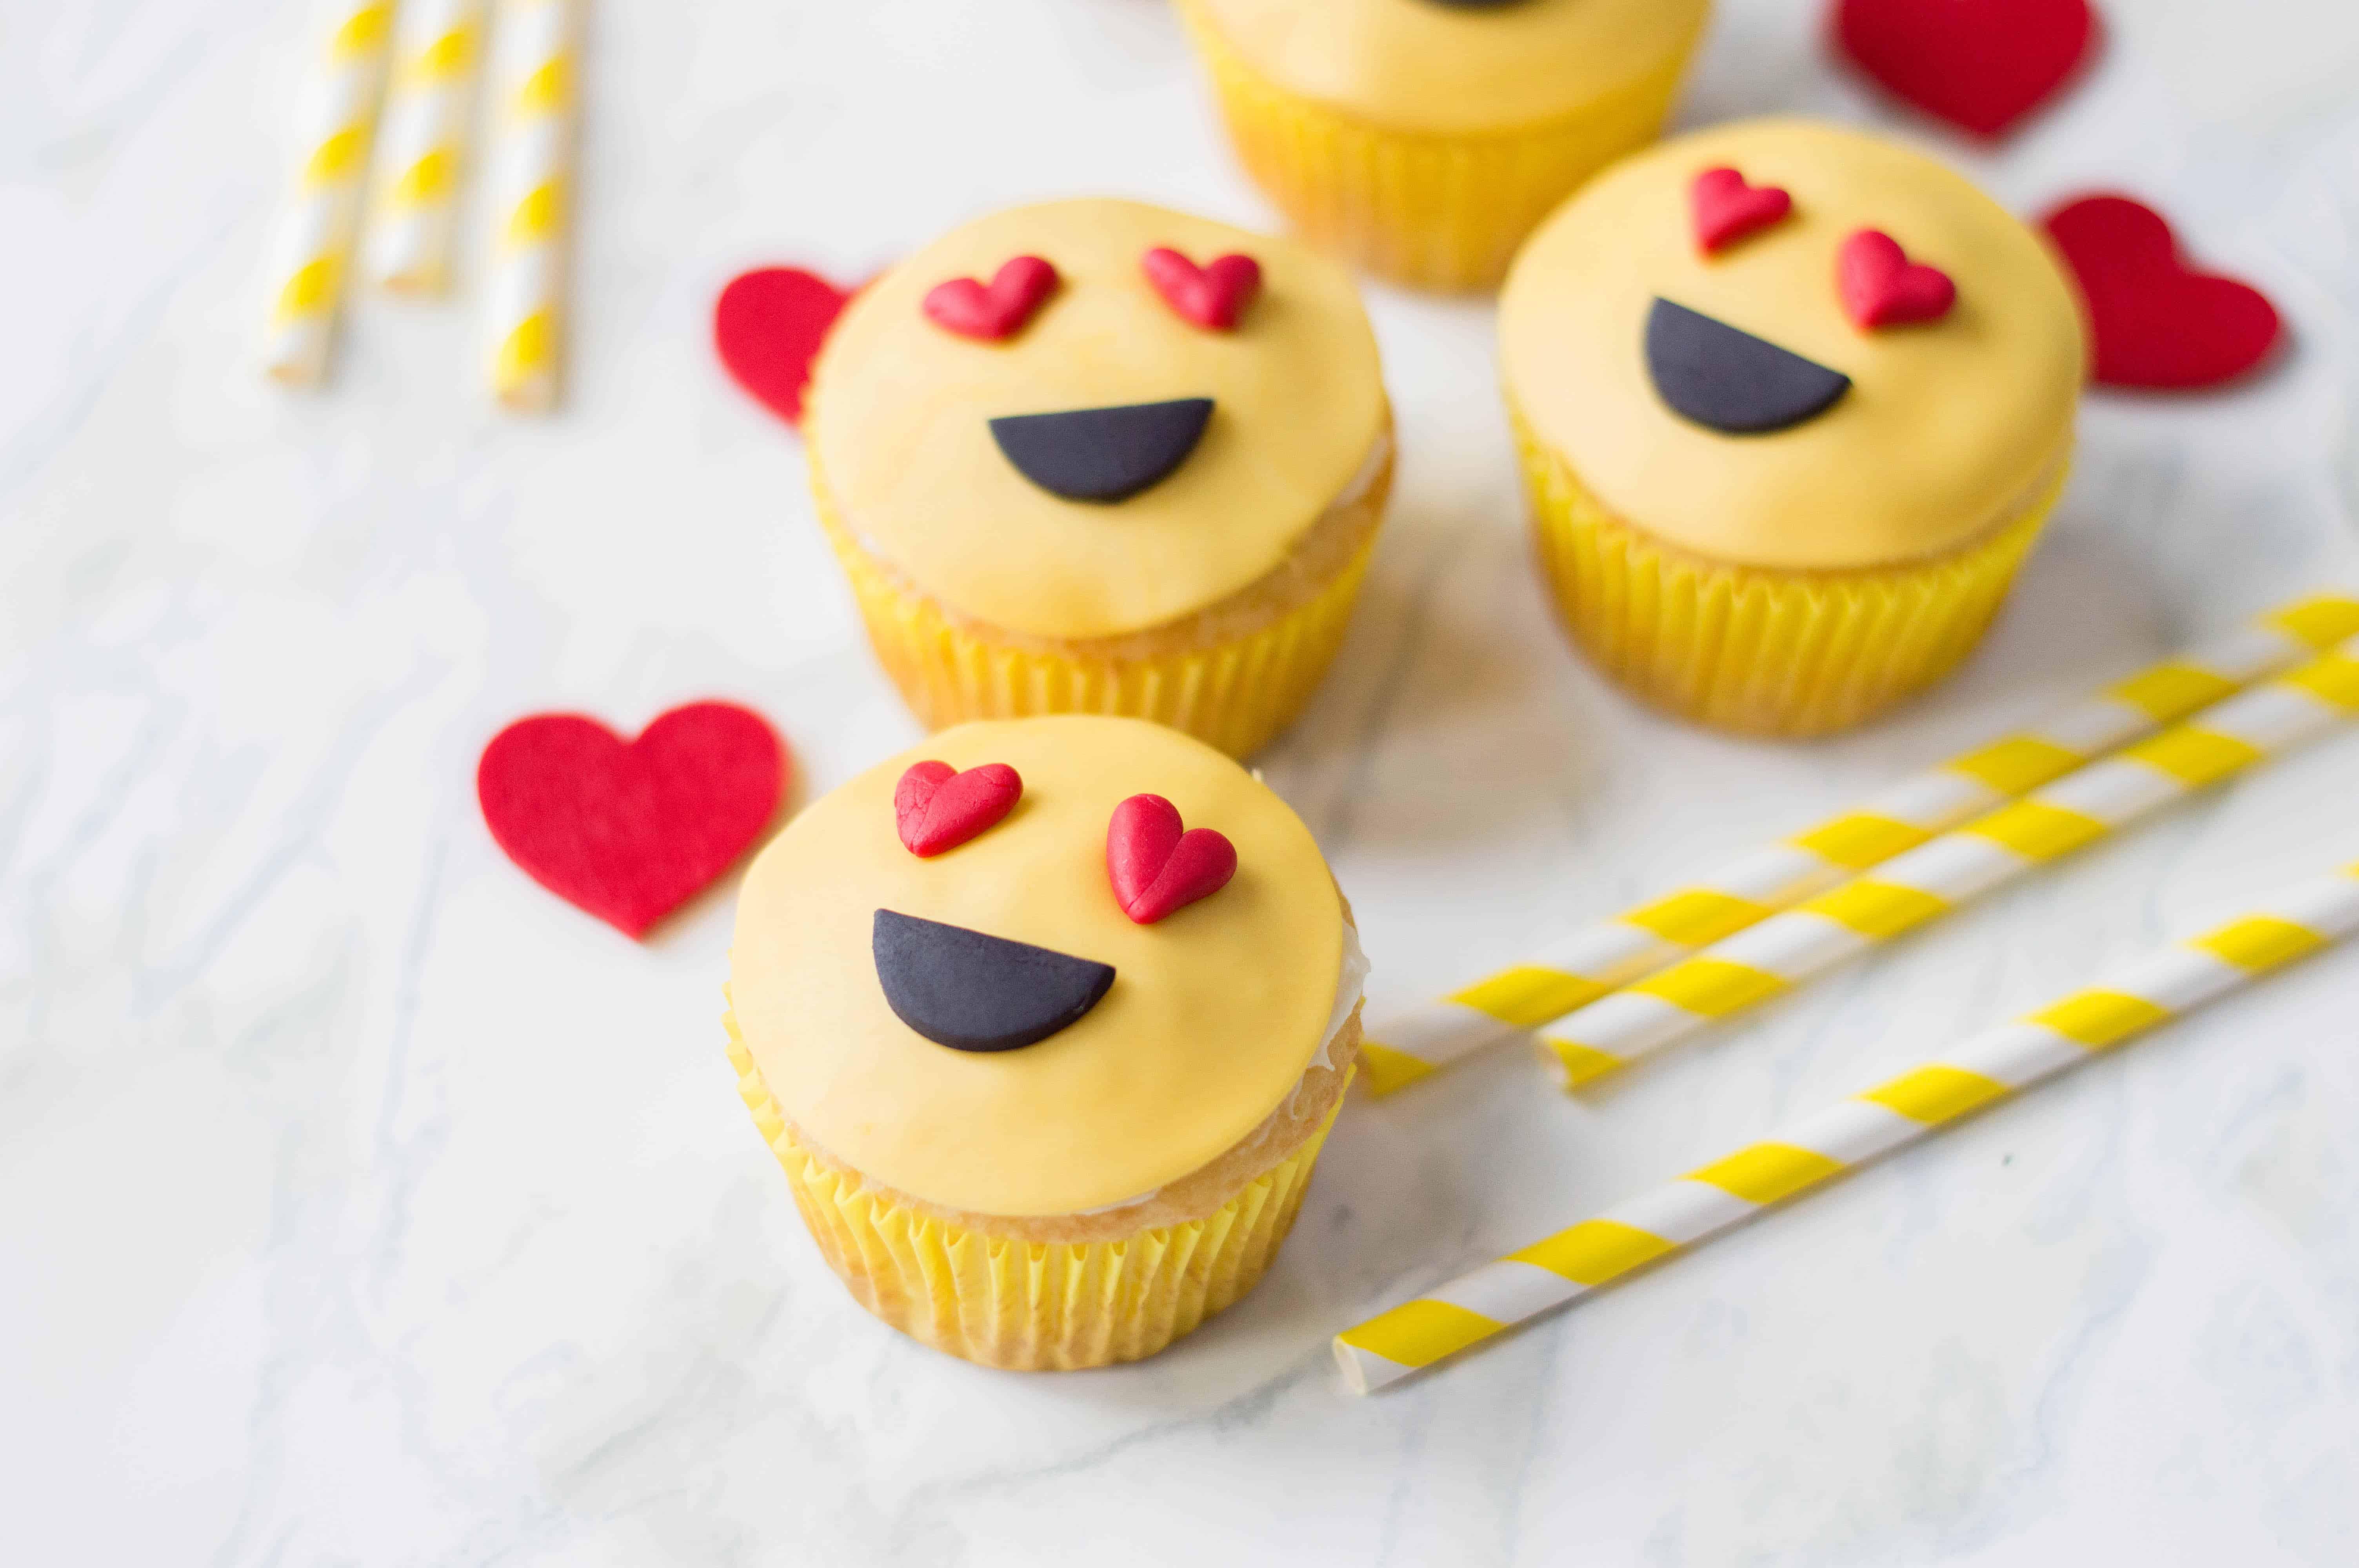 valentines emoji cupcakes recipe